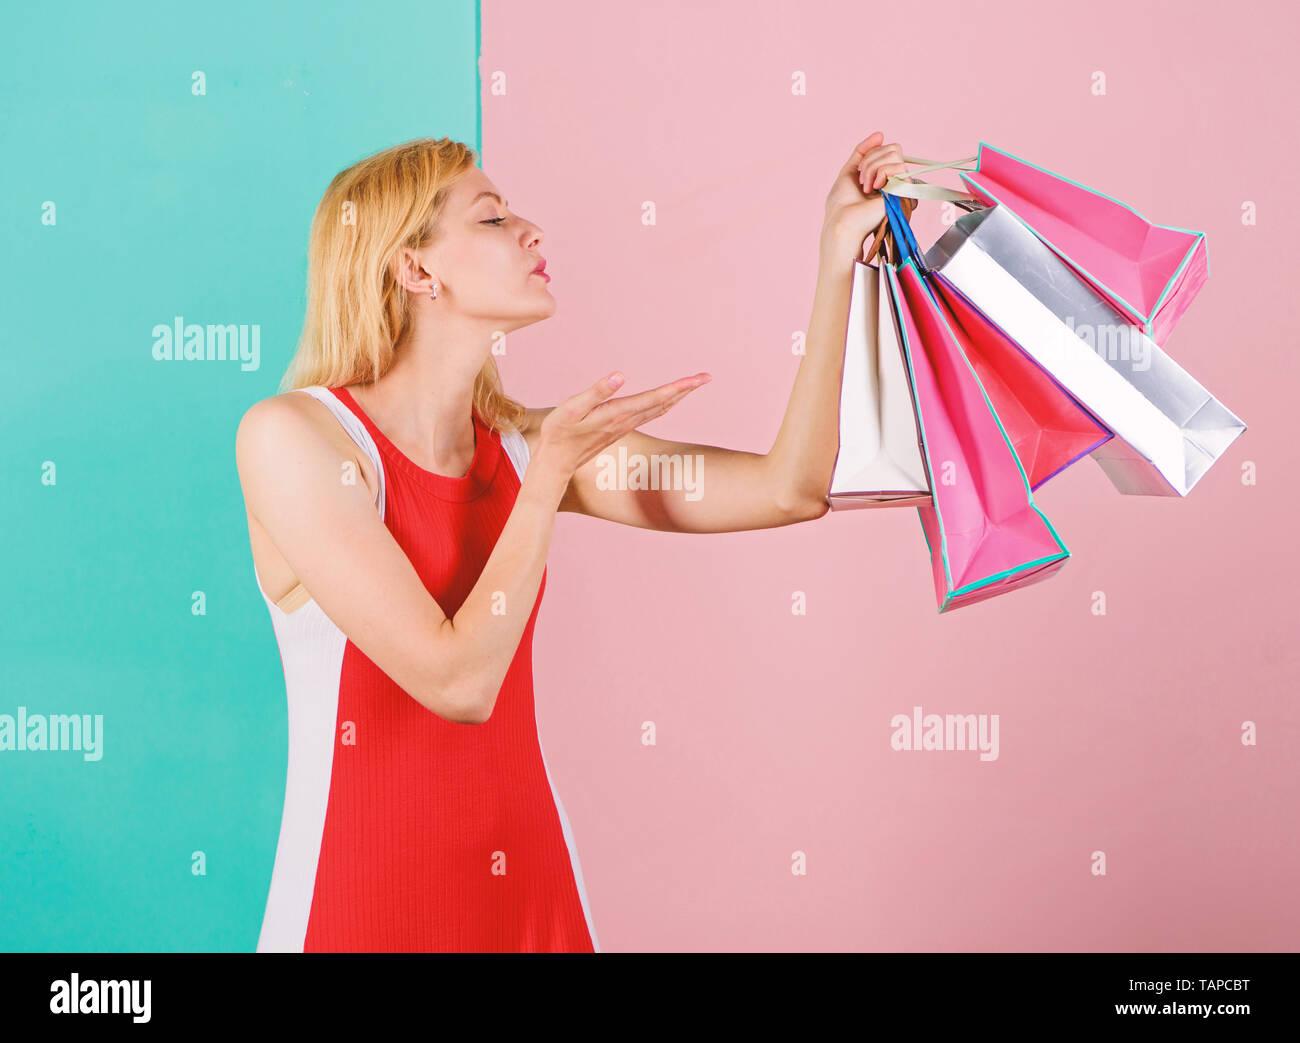 Was man ein Mädchen kaufen soll, das man gerade für Weihnachten datiert